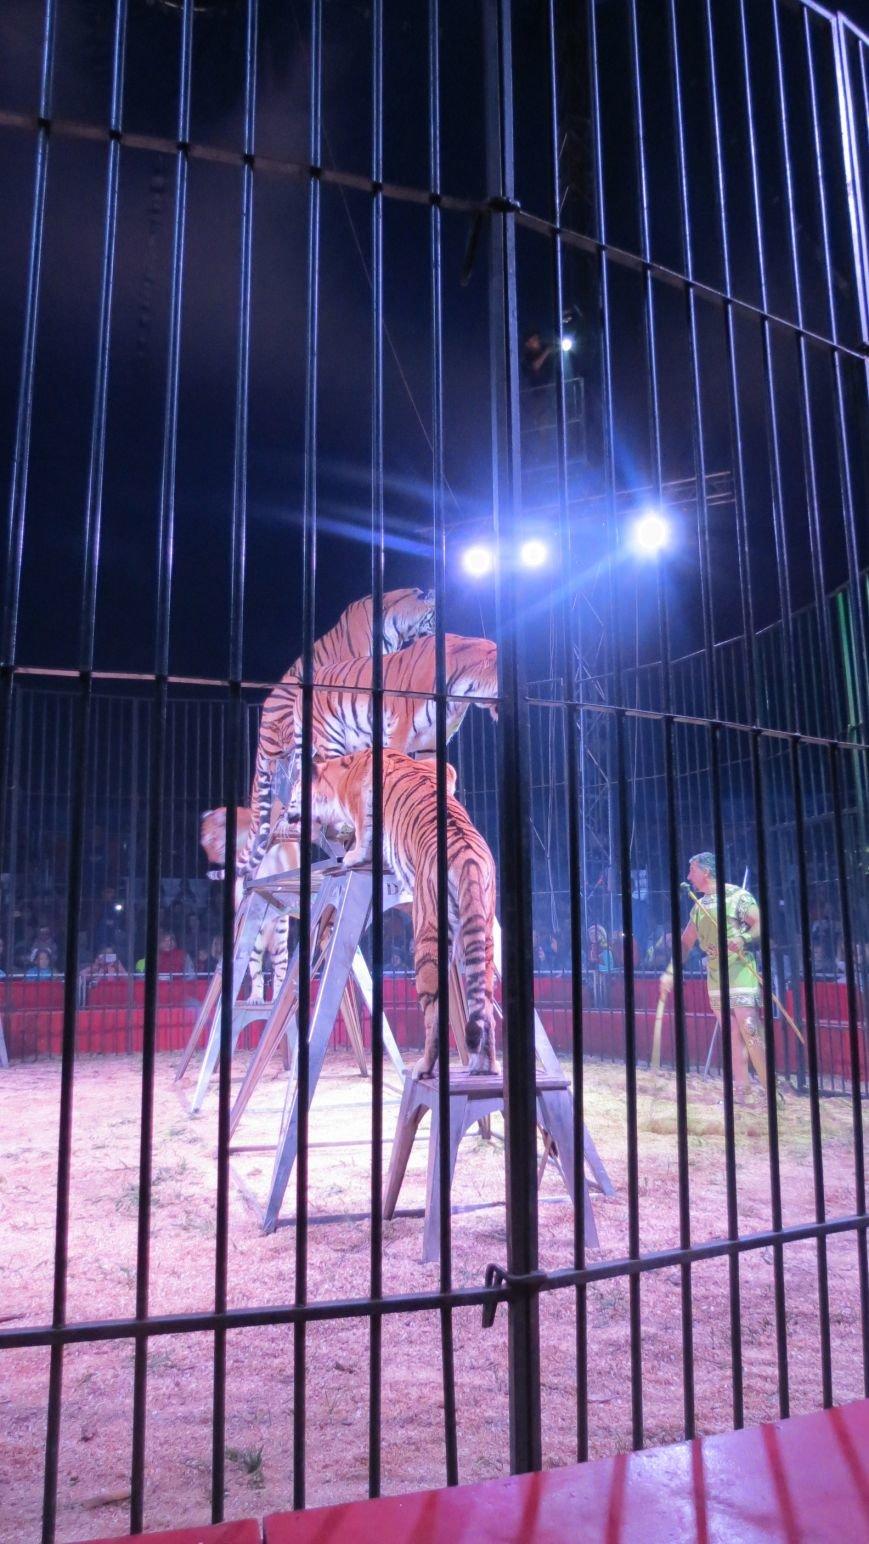 Италия приехала в Покровск: всемирно известный цирк «Кобзов» подарил горожанам 2 часа незабываемых эмоций, фото-18